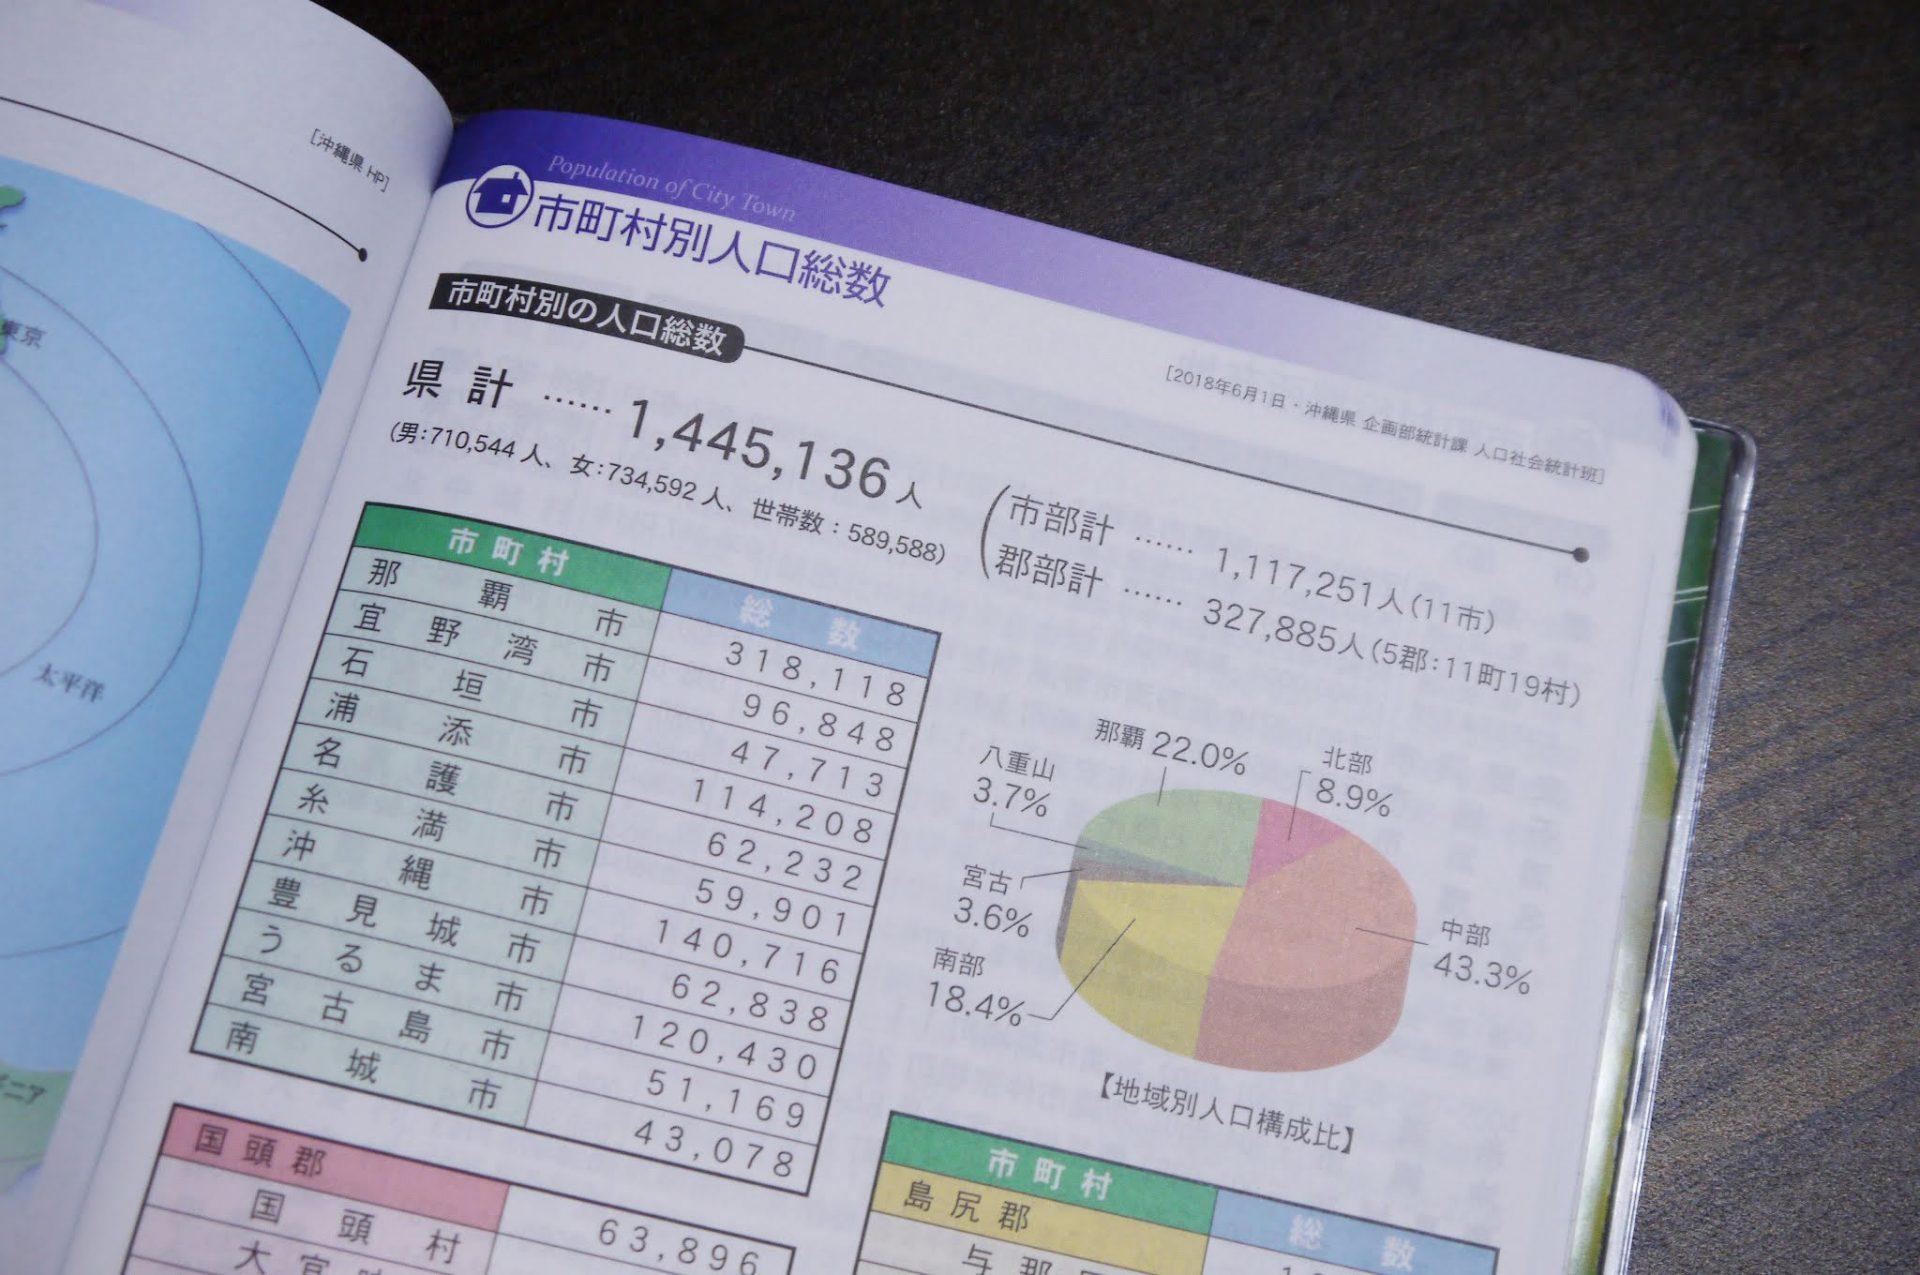 その8. 沖縄県の総人口が分かる!県や市町村が発表するデータを掲載